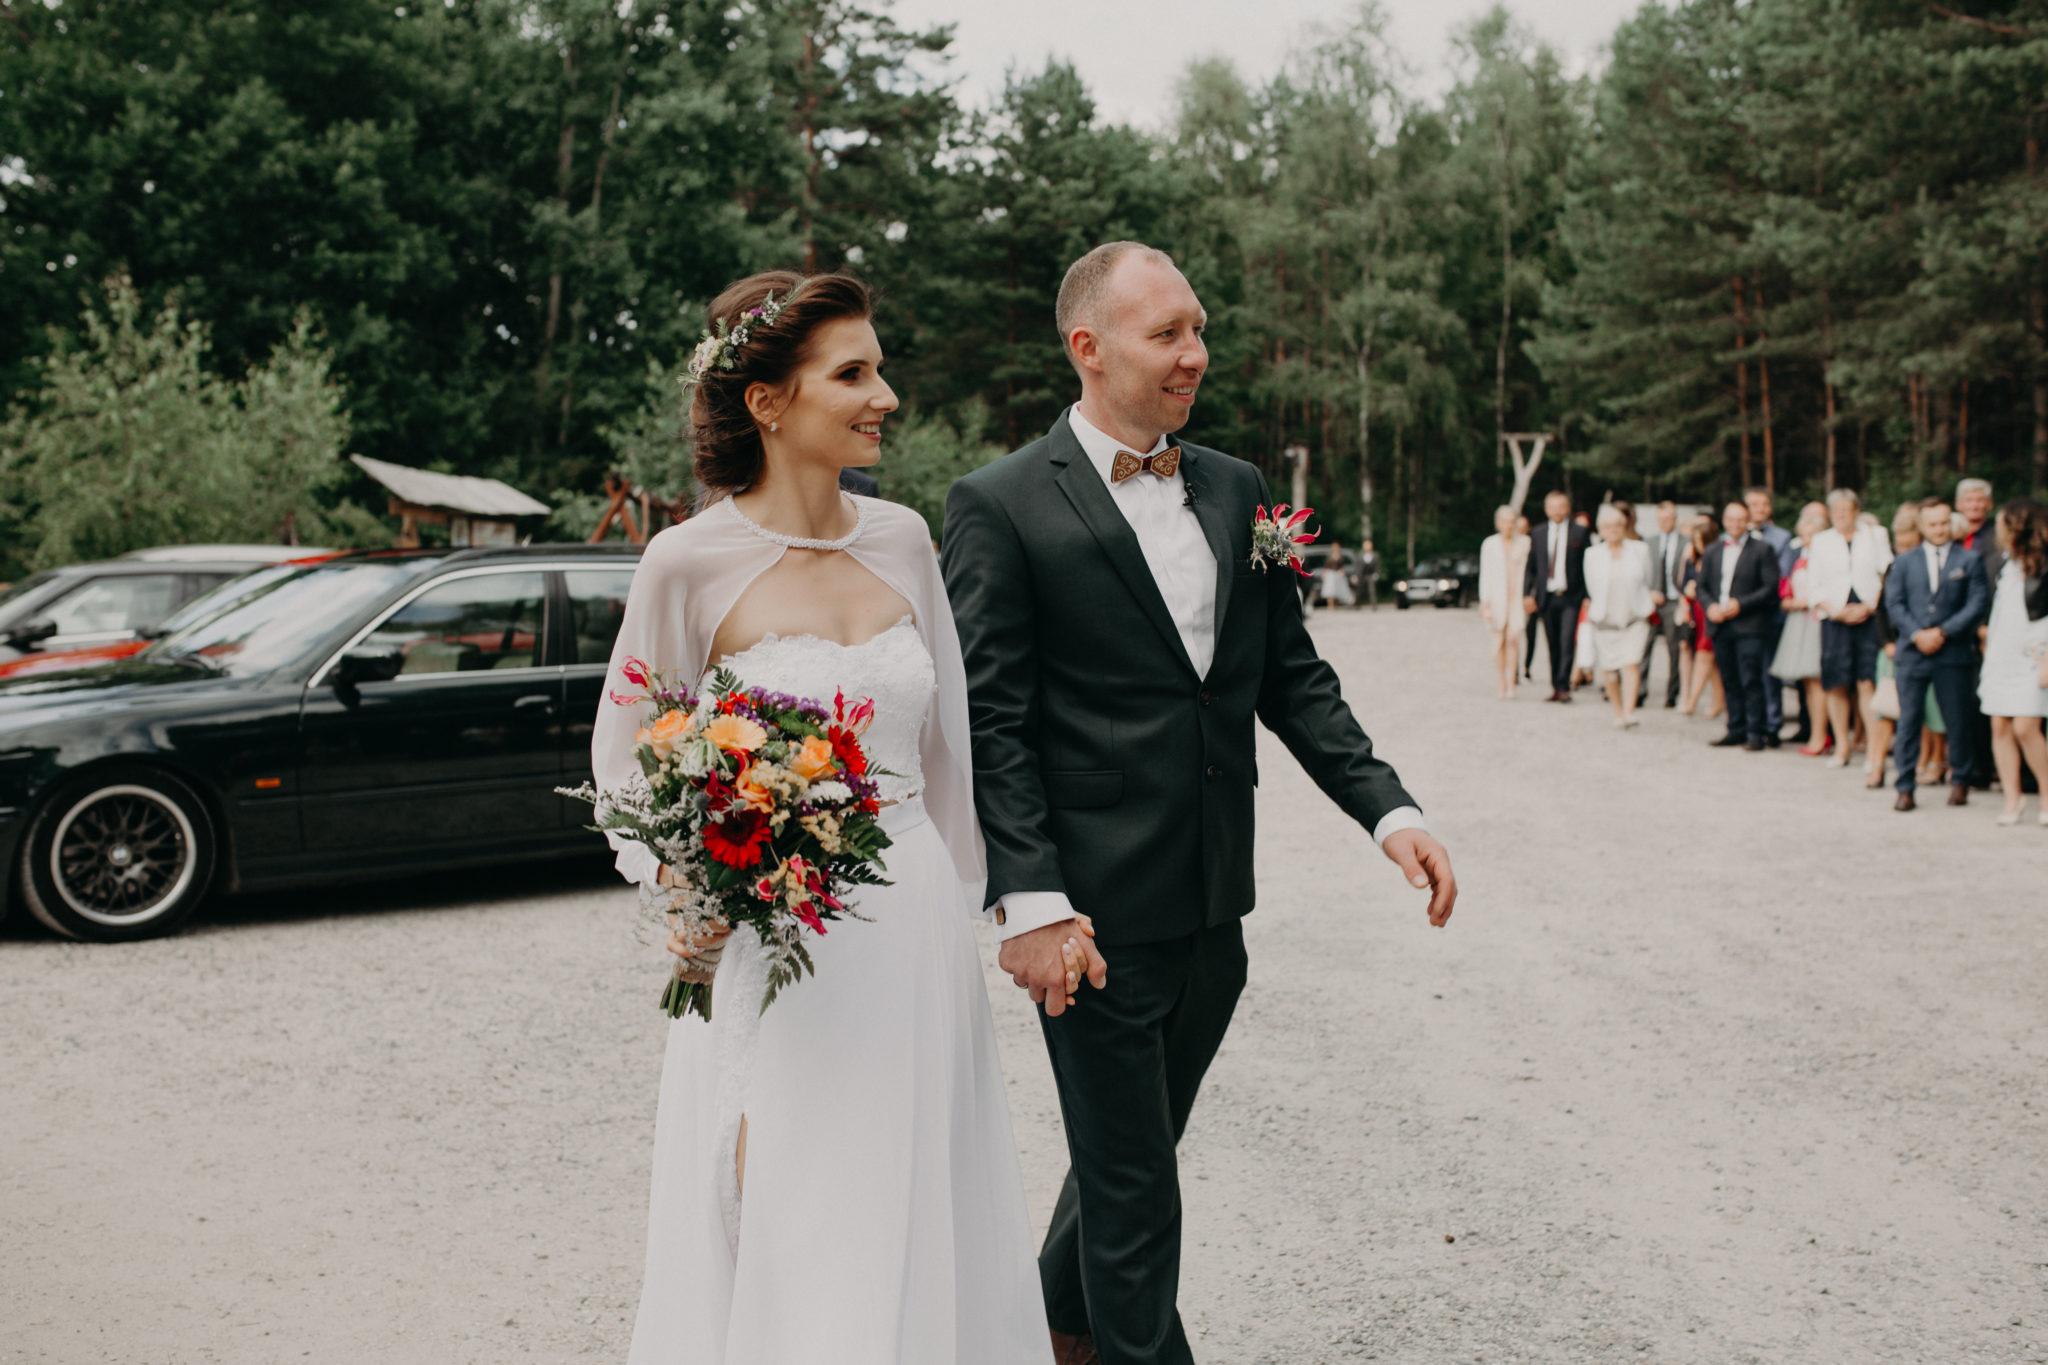 gosia i kuba81 - fotografiagk Fotografia ślubna RK wedding